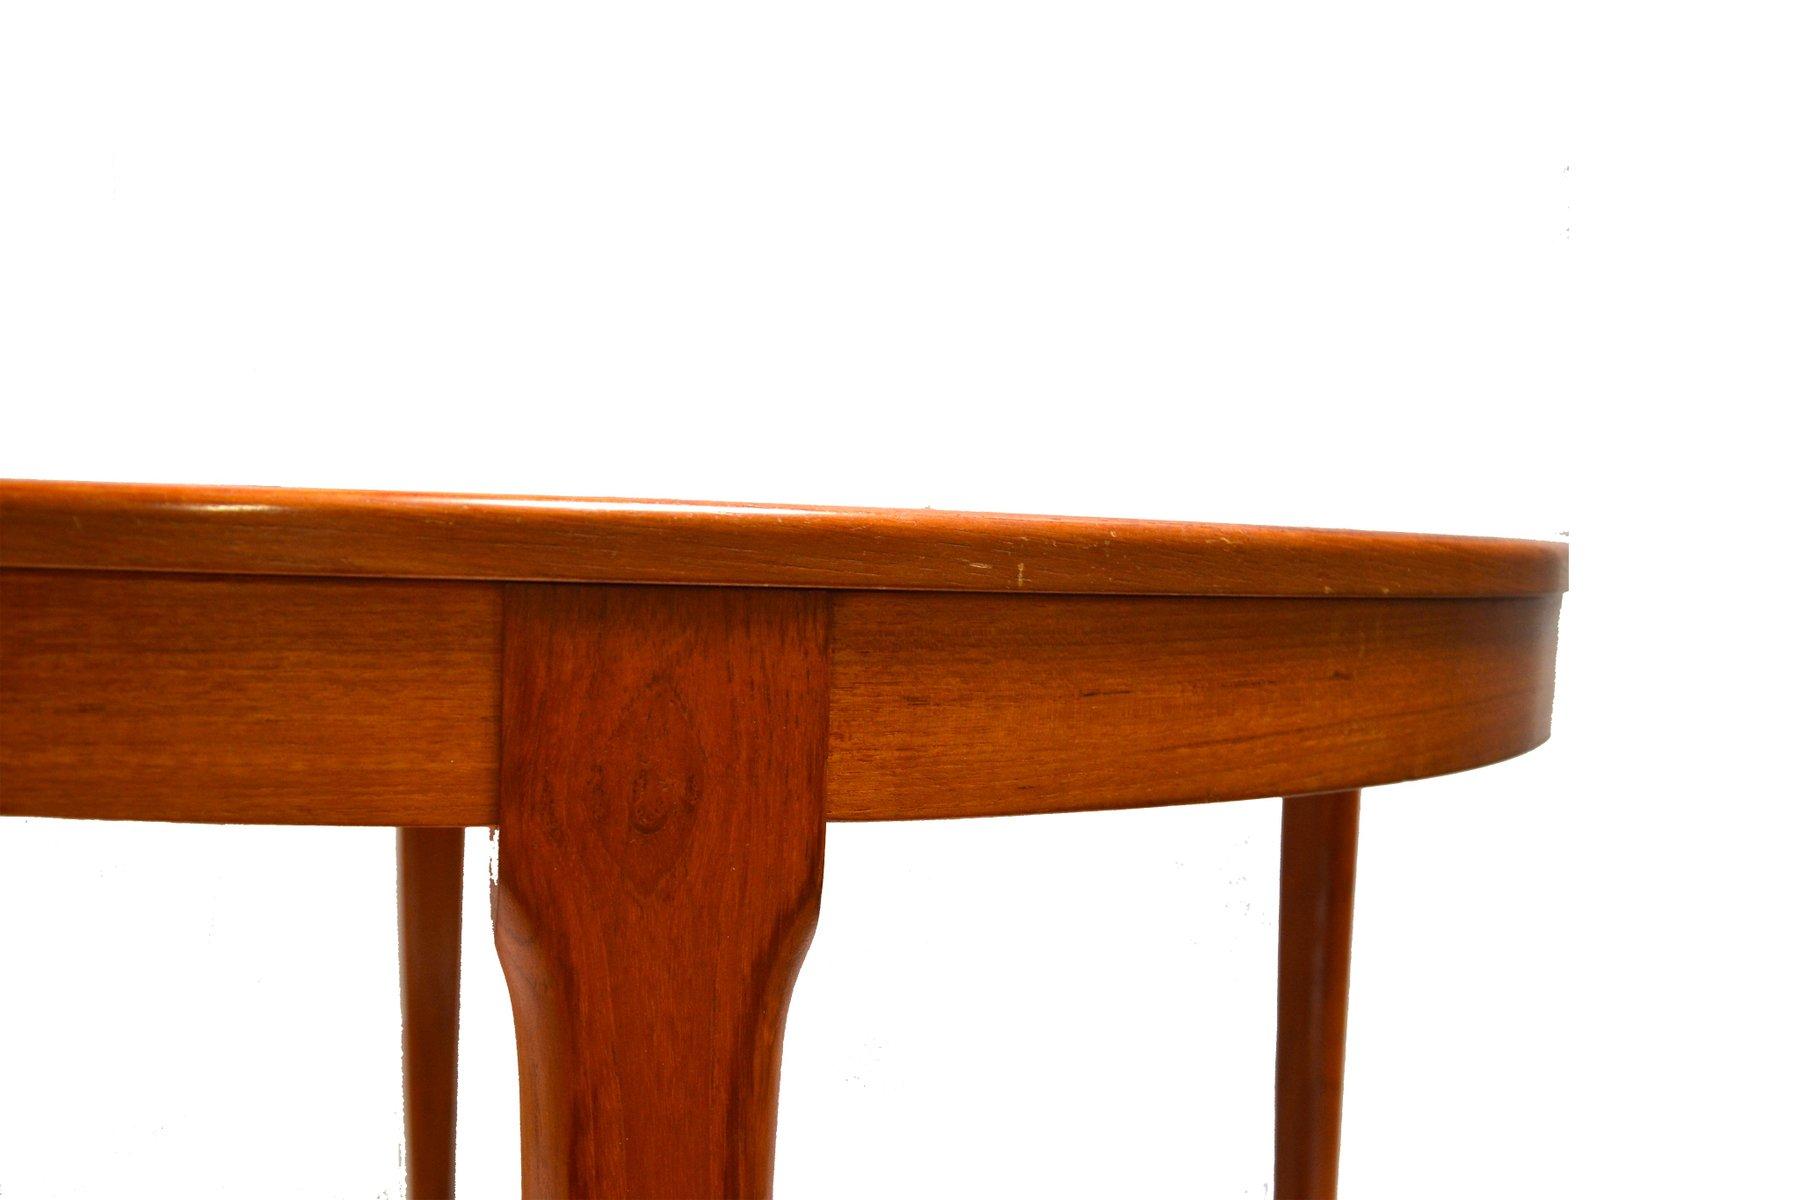 Tavolo da pranzo vintage allungabile rotondo di meubles tv in vendita su pamono - Tavolo pranzo rotondo allungabile ...